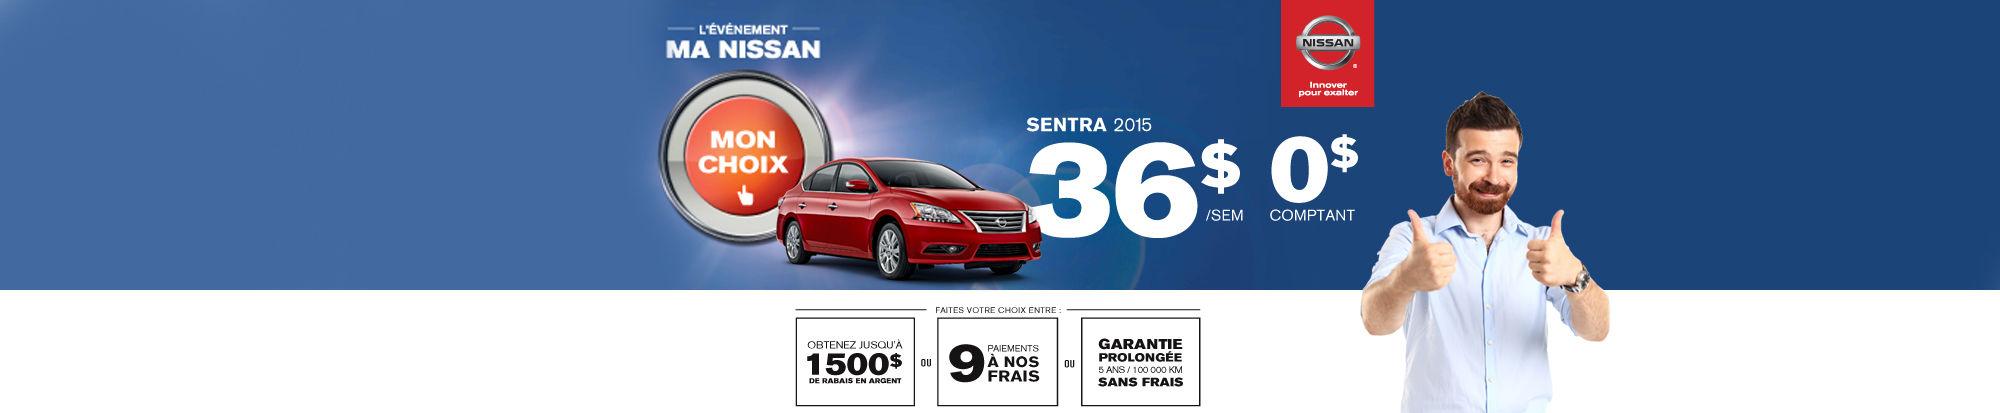 Nissan Sentra juin